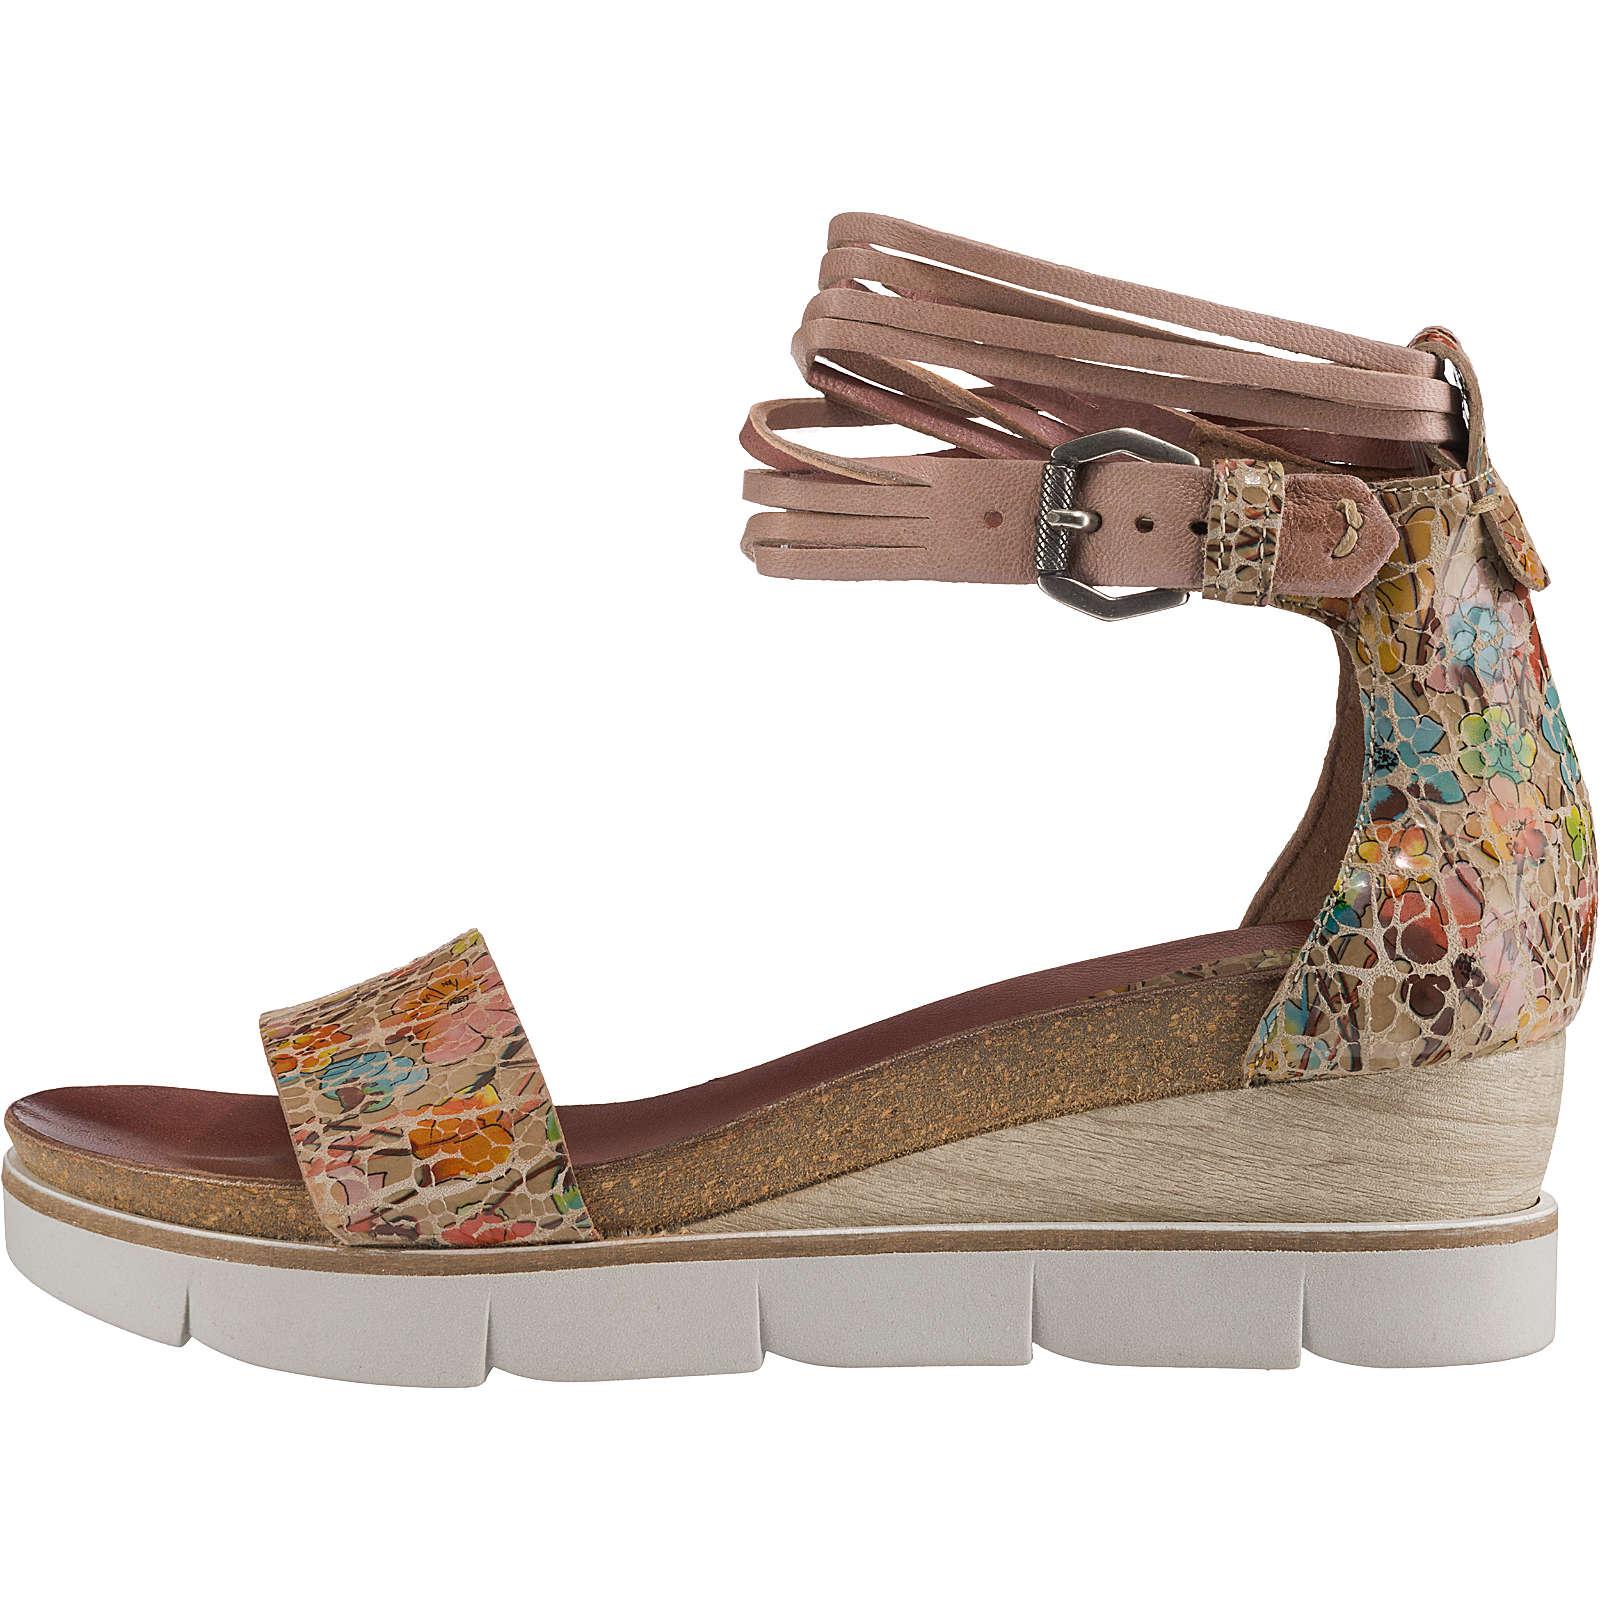 JOLANA & FENENA Klassische Sandalen beige Damen Gr. 37